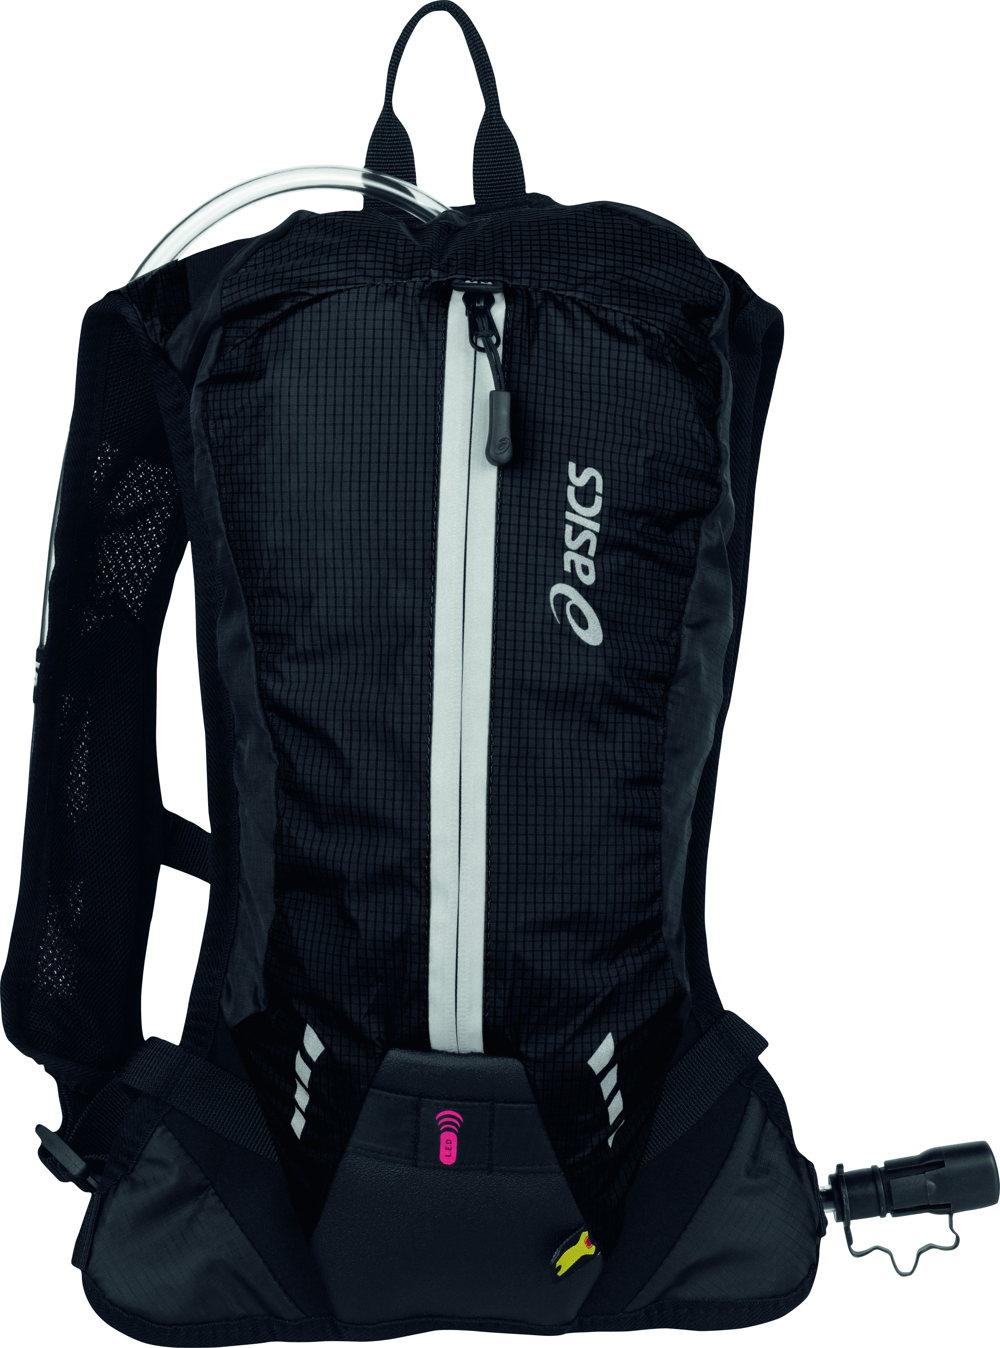 Asics présente un sac à dos léger pour courir. Idéal et étanche. Prix : 40€